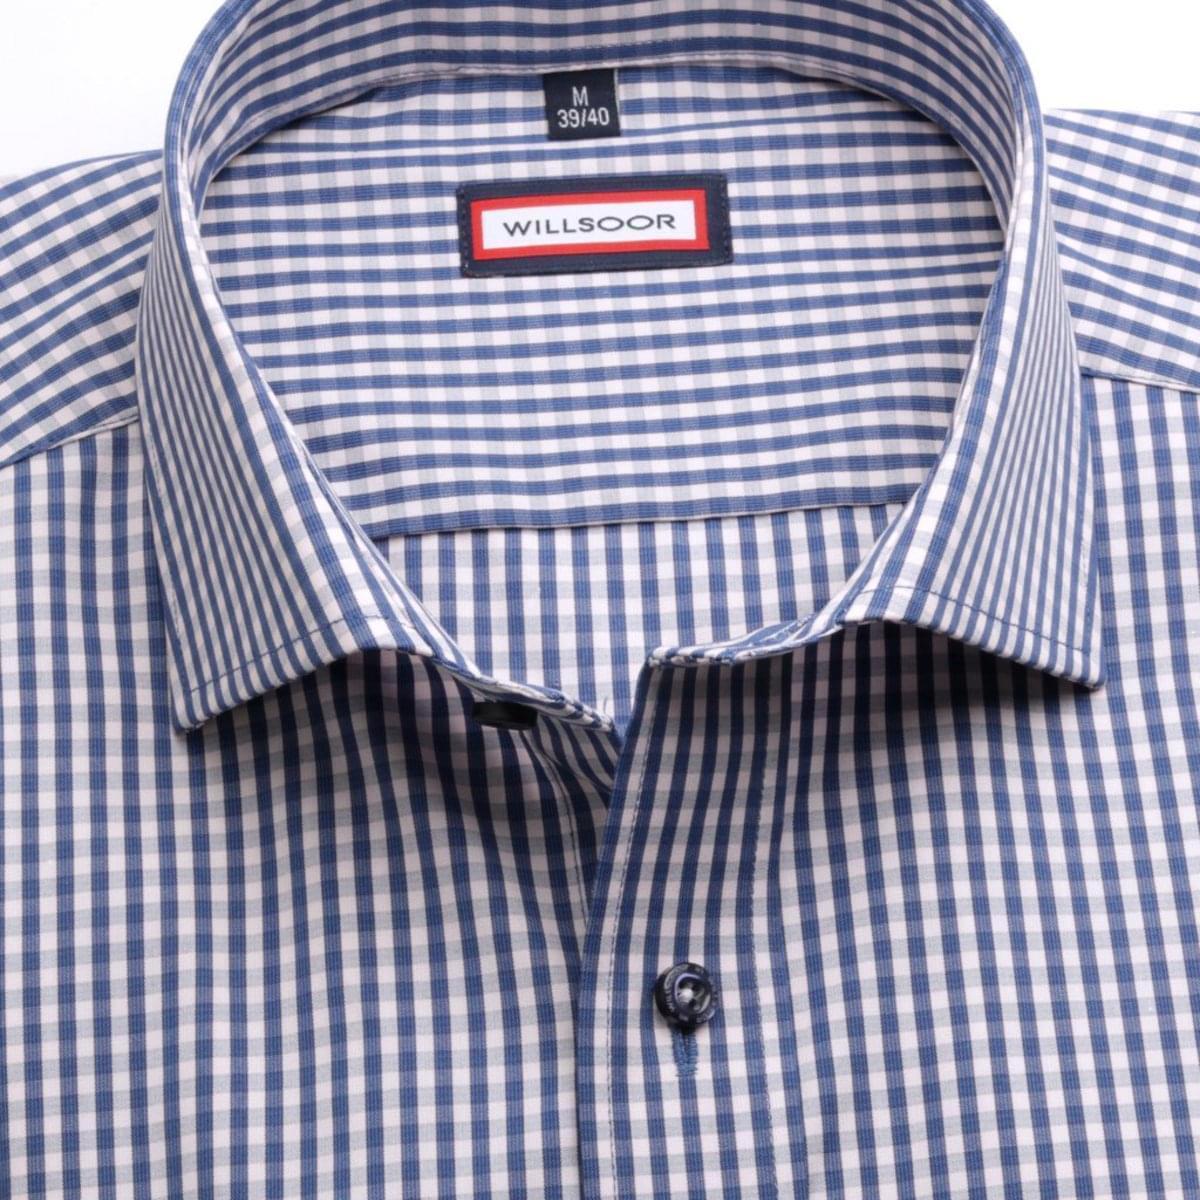 Pánská klasická košile (výška 176-182) 6724 s kostkou a formulí Easy Care 176-182 / L (41/42)